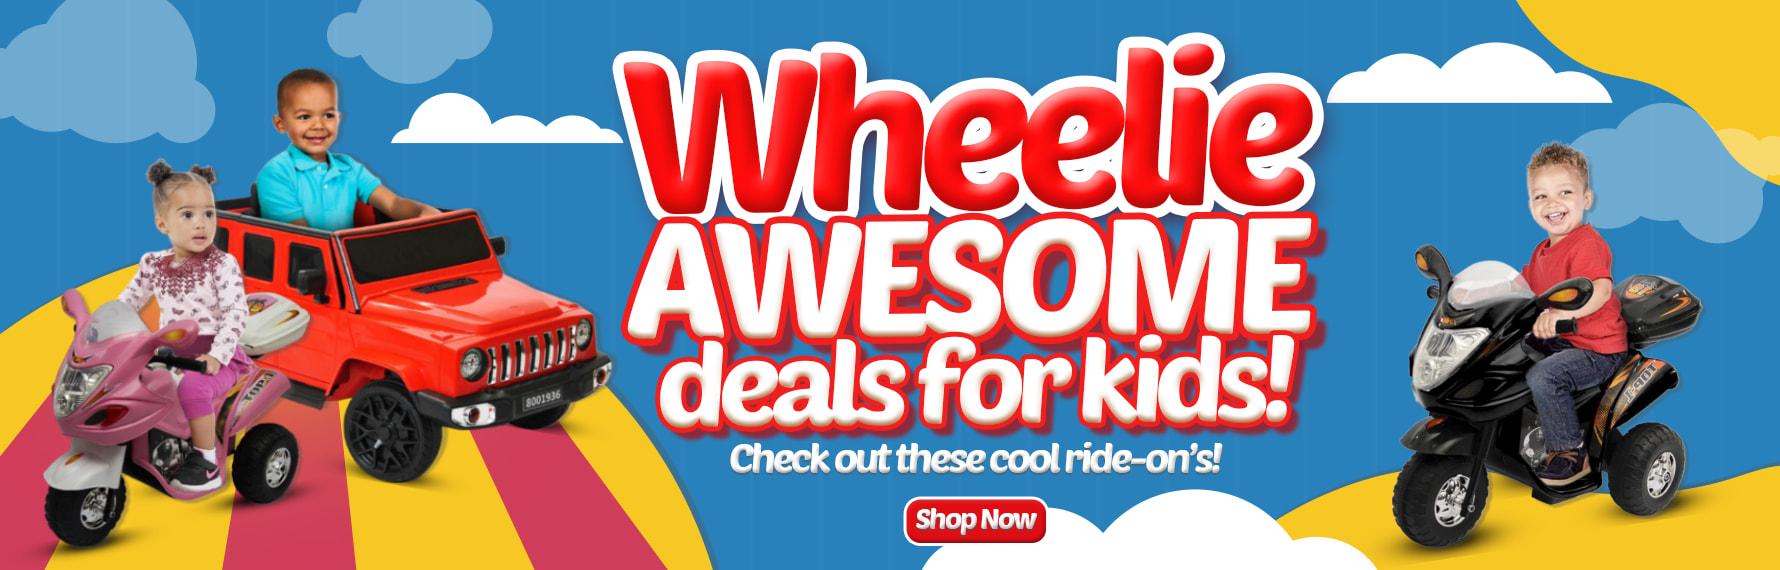 wheel-mailer-final-1-.jpg